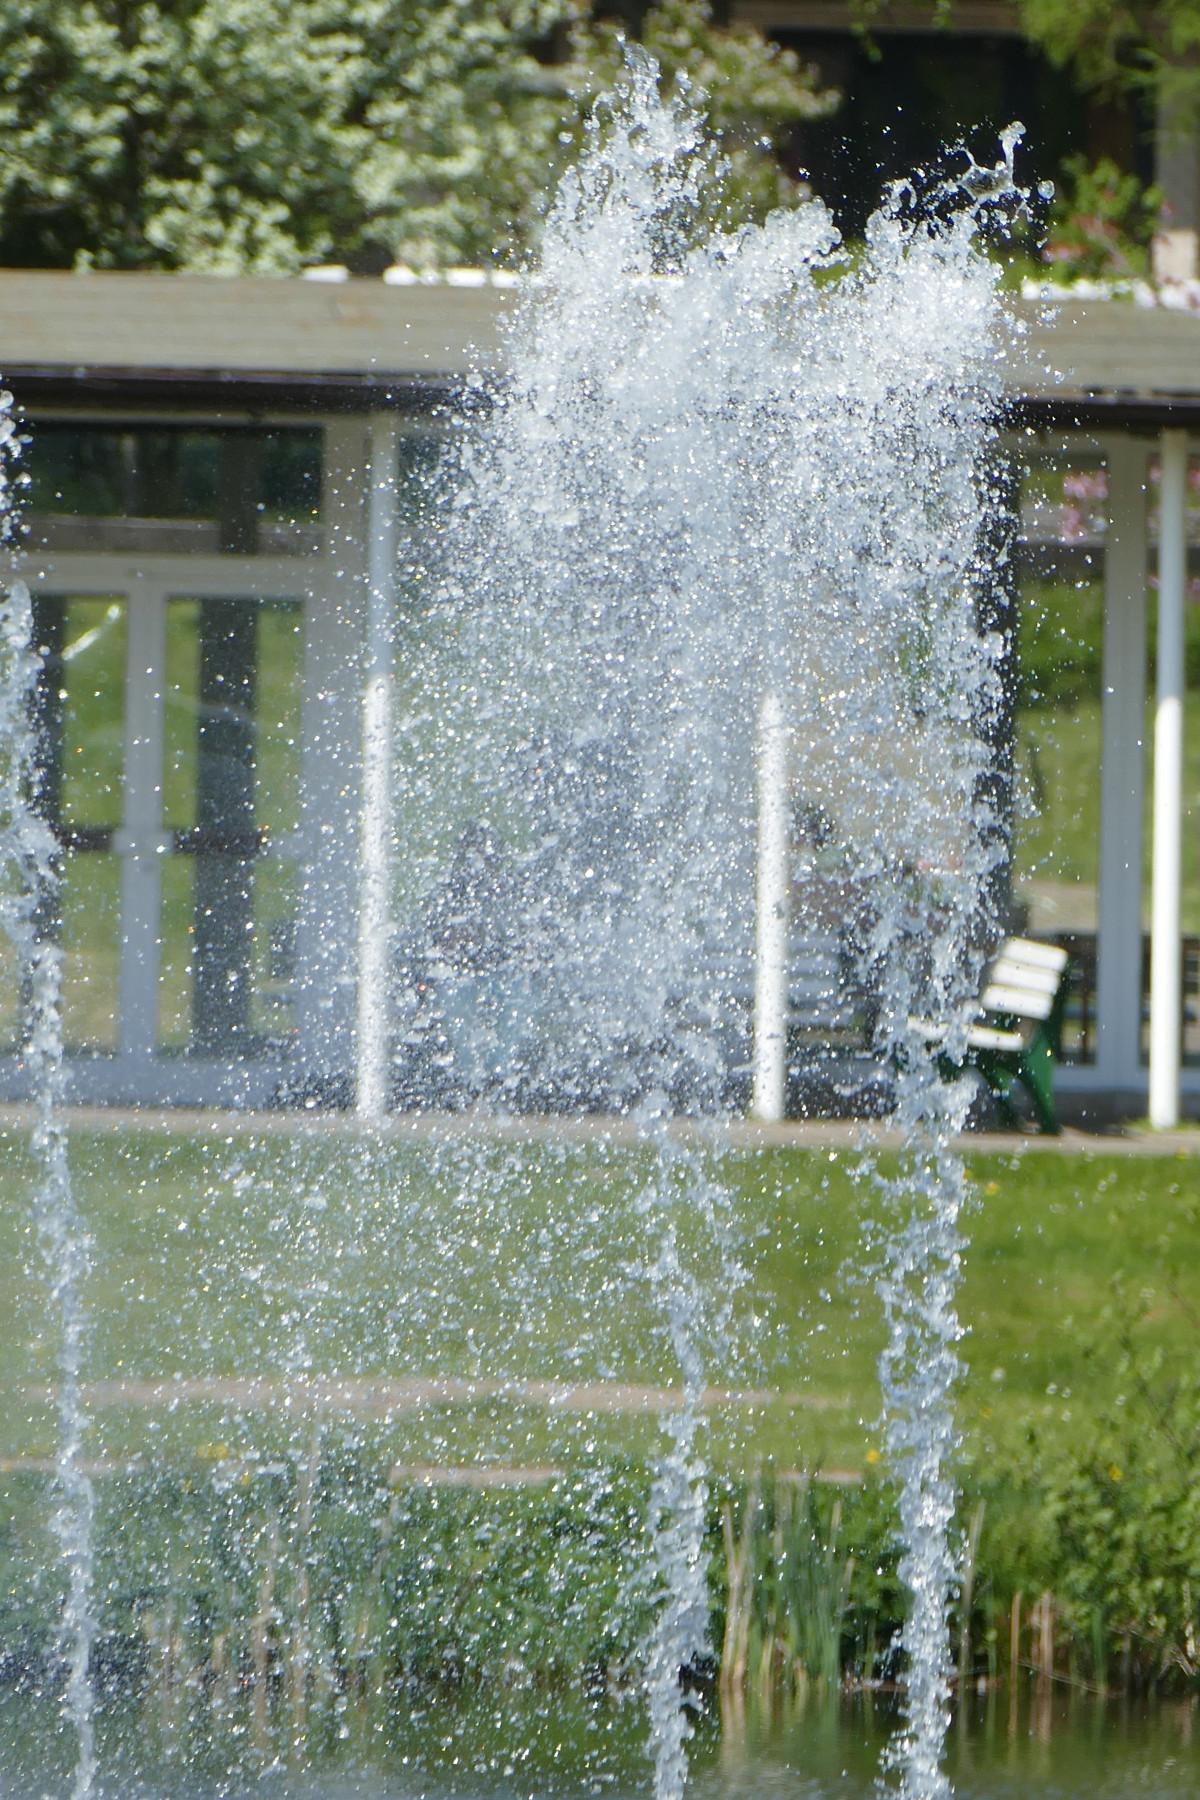 Fotos gratis hielo reflexi n goteo burbuja gota de for Estanque reflectante